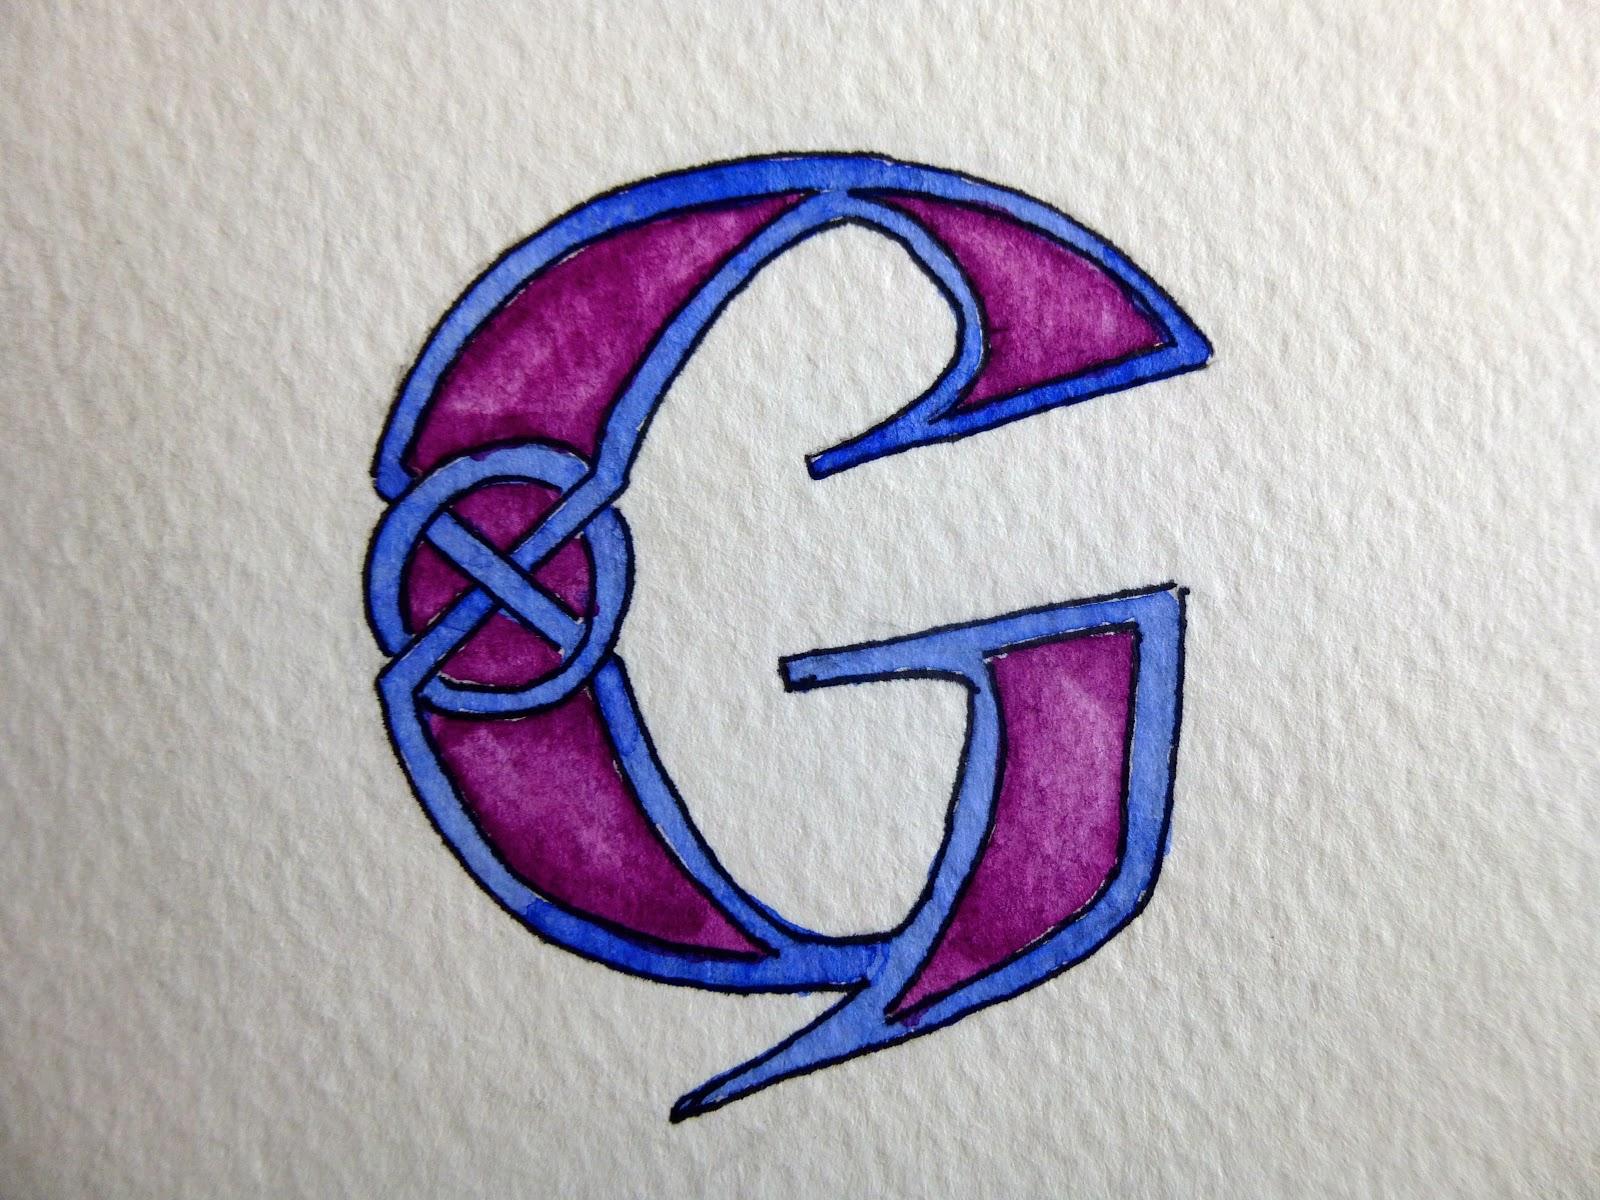 صوره صور حرف g , بوستات عليها حرف ال g